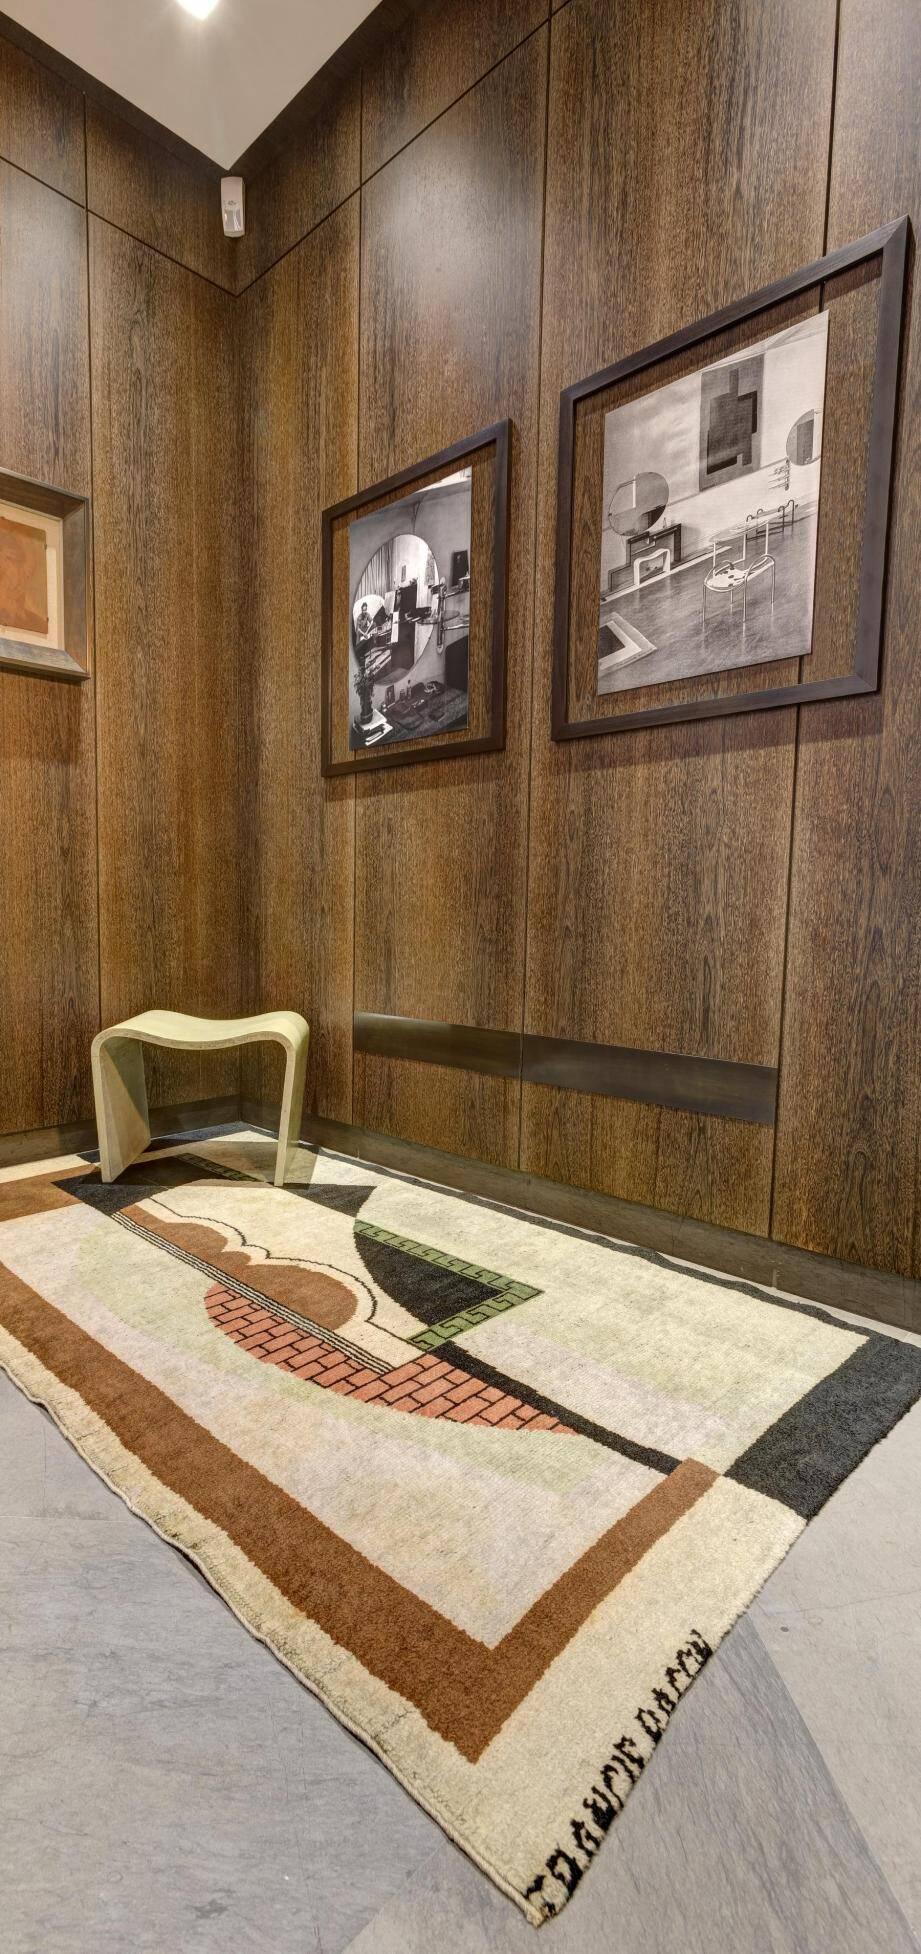 La fondation présente désormais un tapis et un tabouret réalisés par Bacon, dans sa période designer à l'aune des années 30.